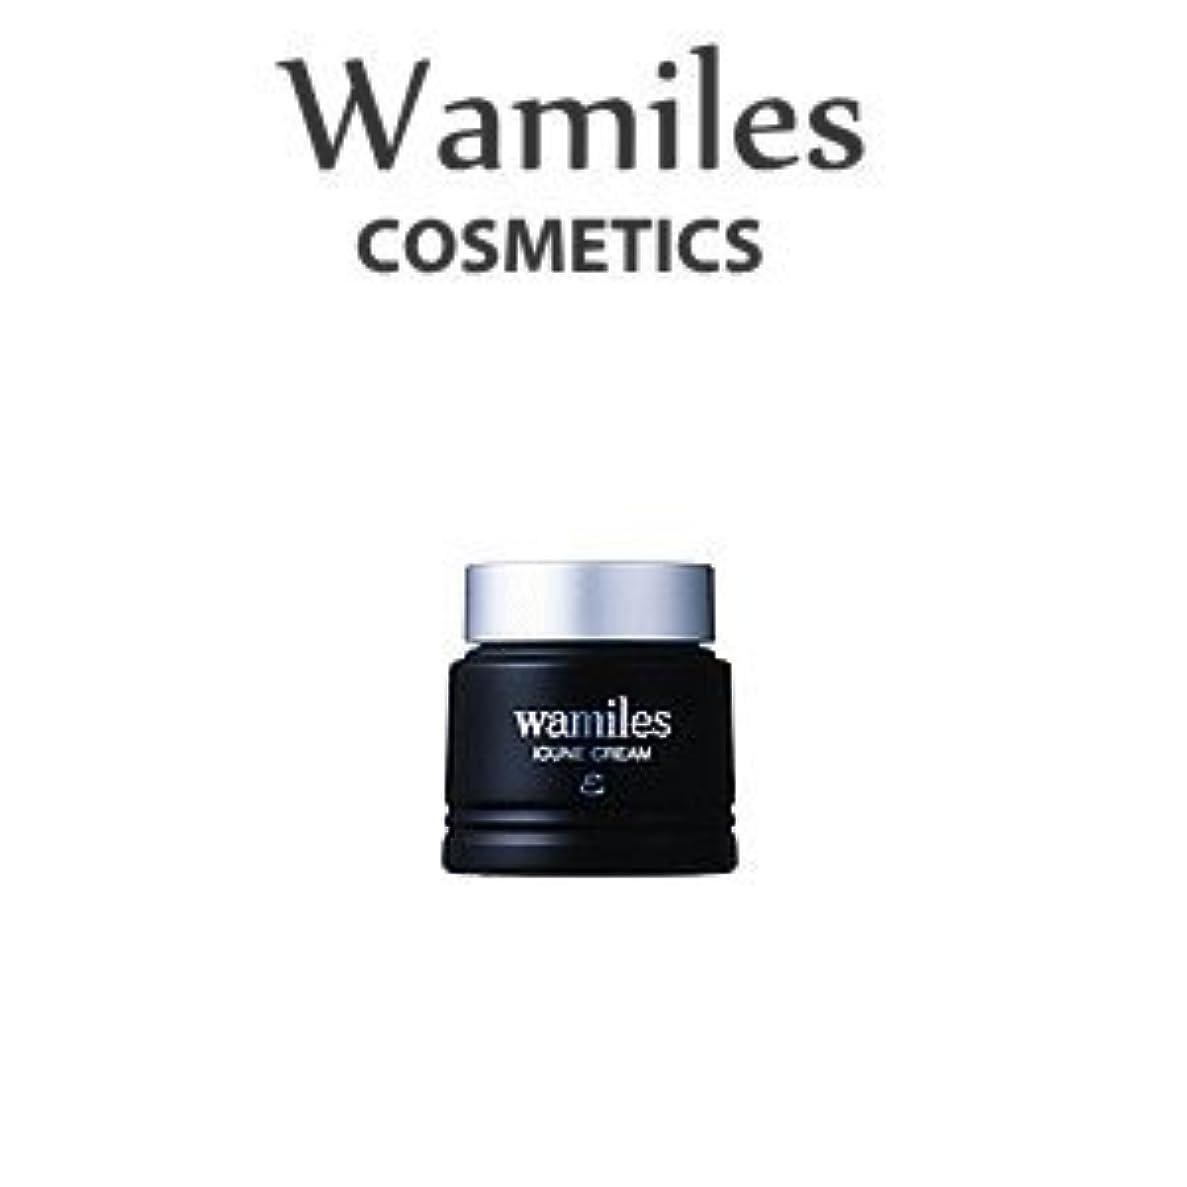 中絶勧告木曜日wamiles/ワミレス ベーシックライン イオンヌ クリーム 53g 美容 保湿